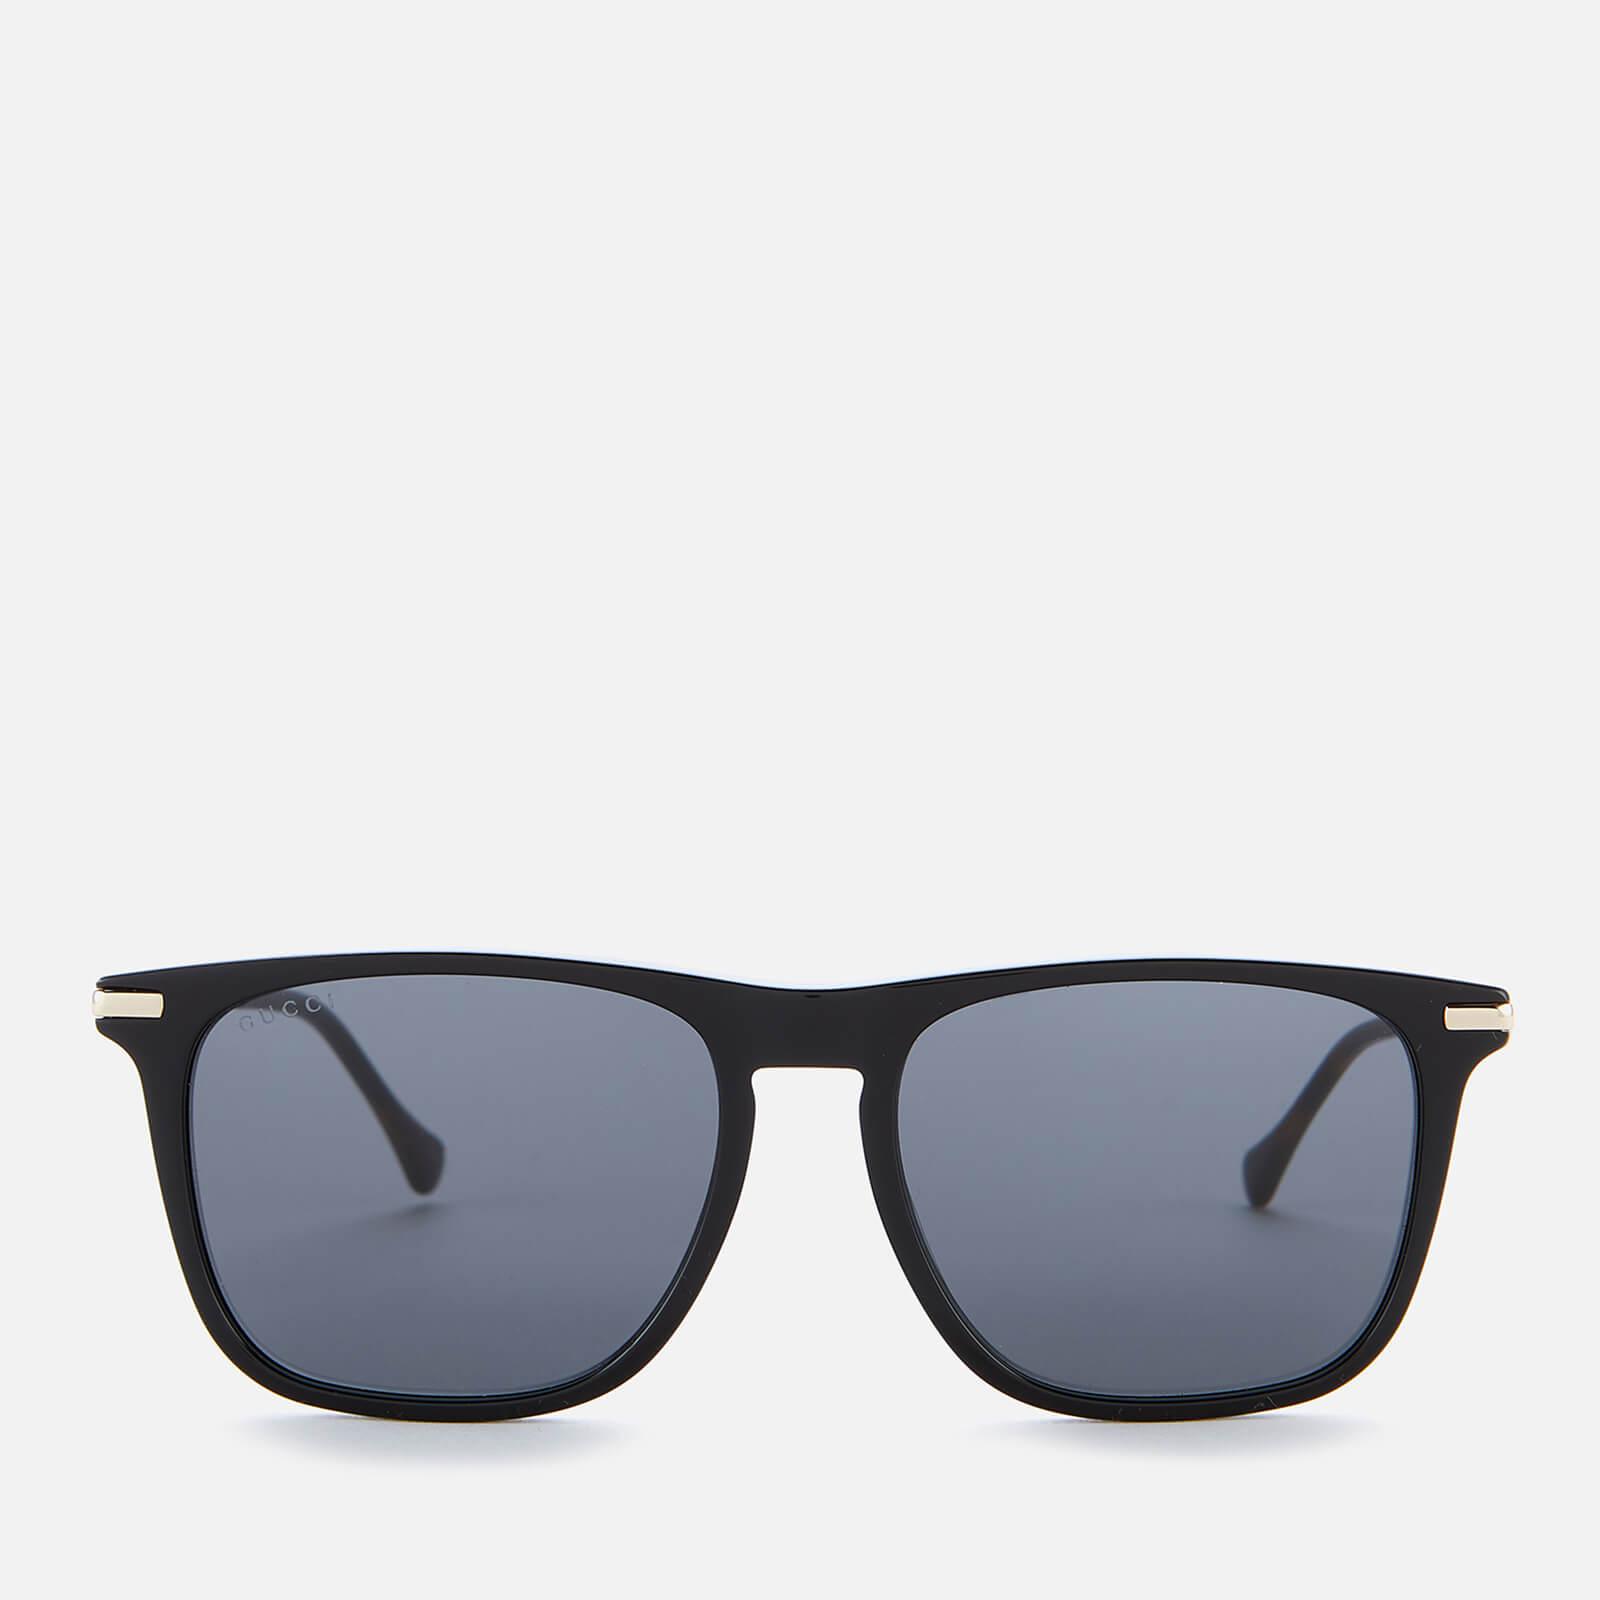 Gucci Men's Metal Sunglasses - Black/Gold/Grey